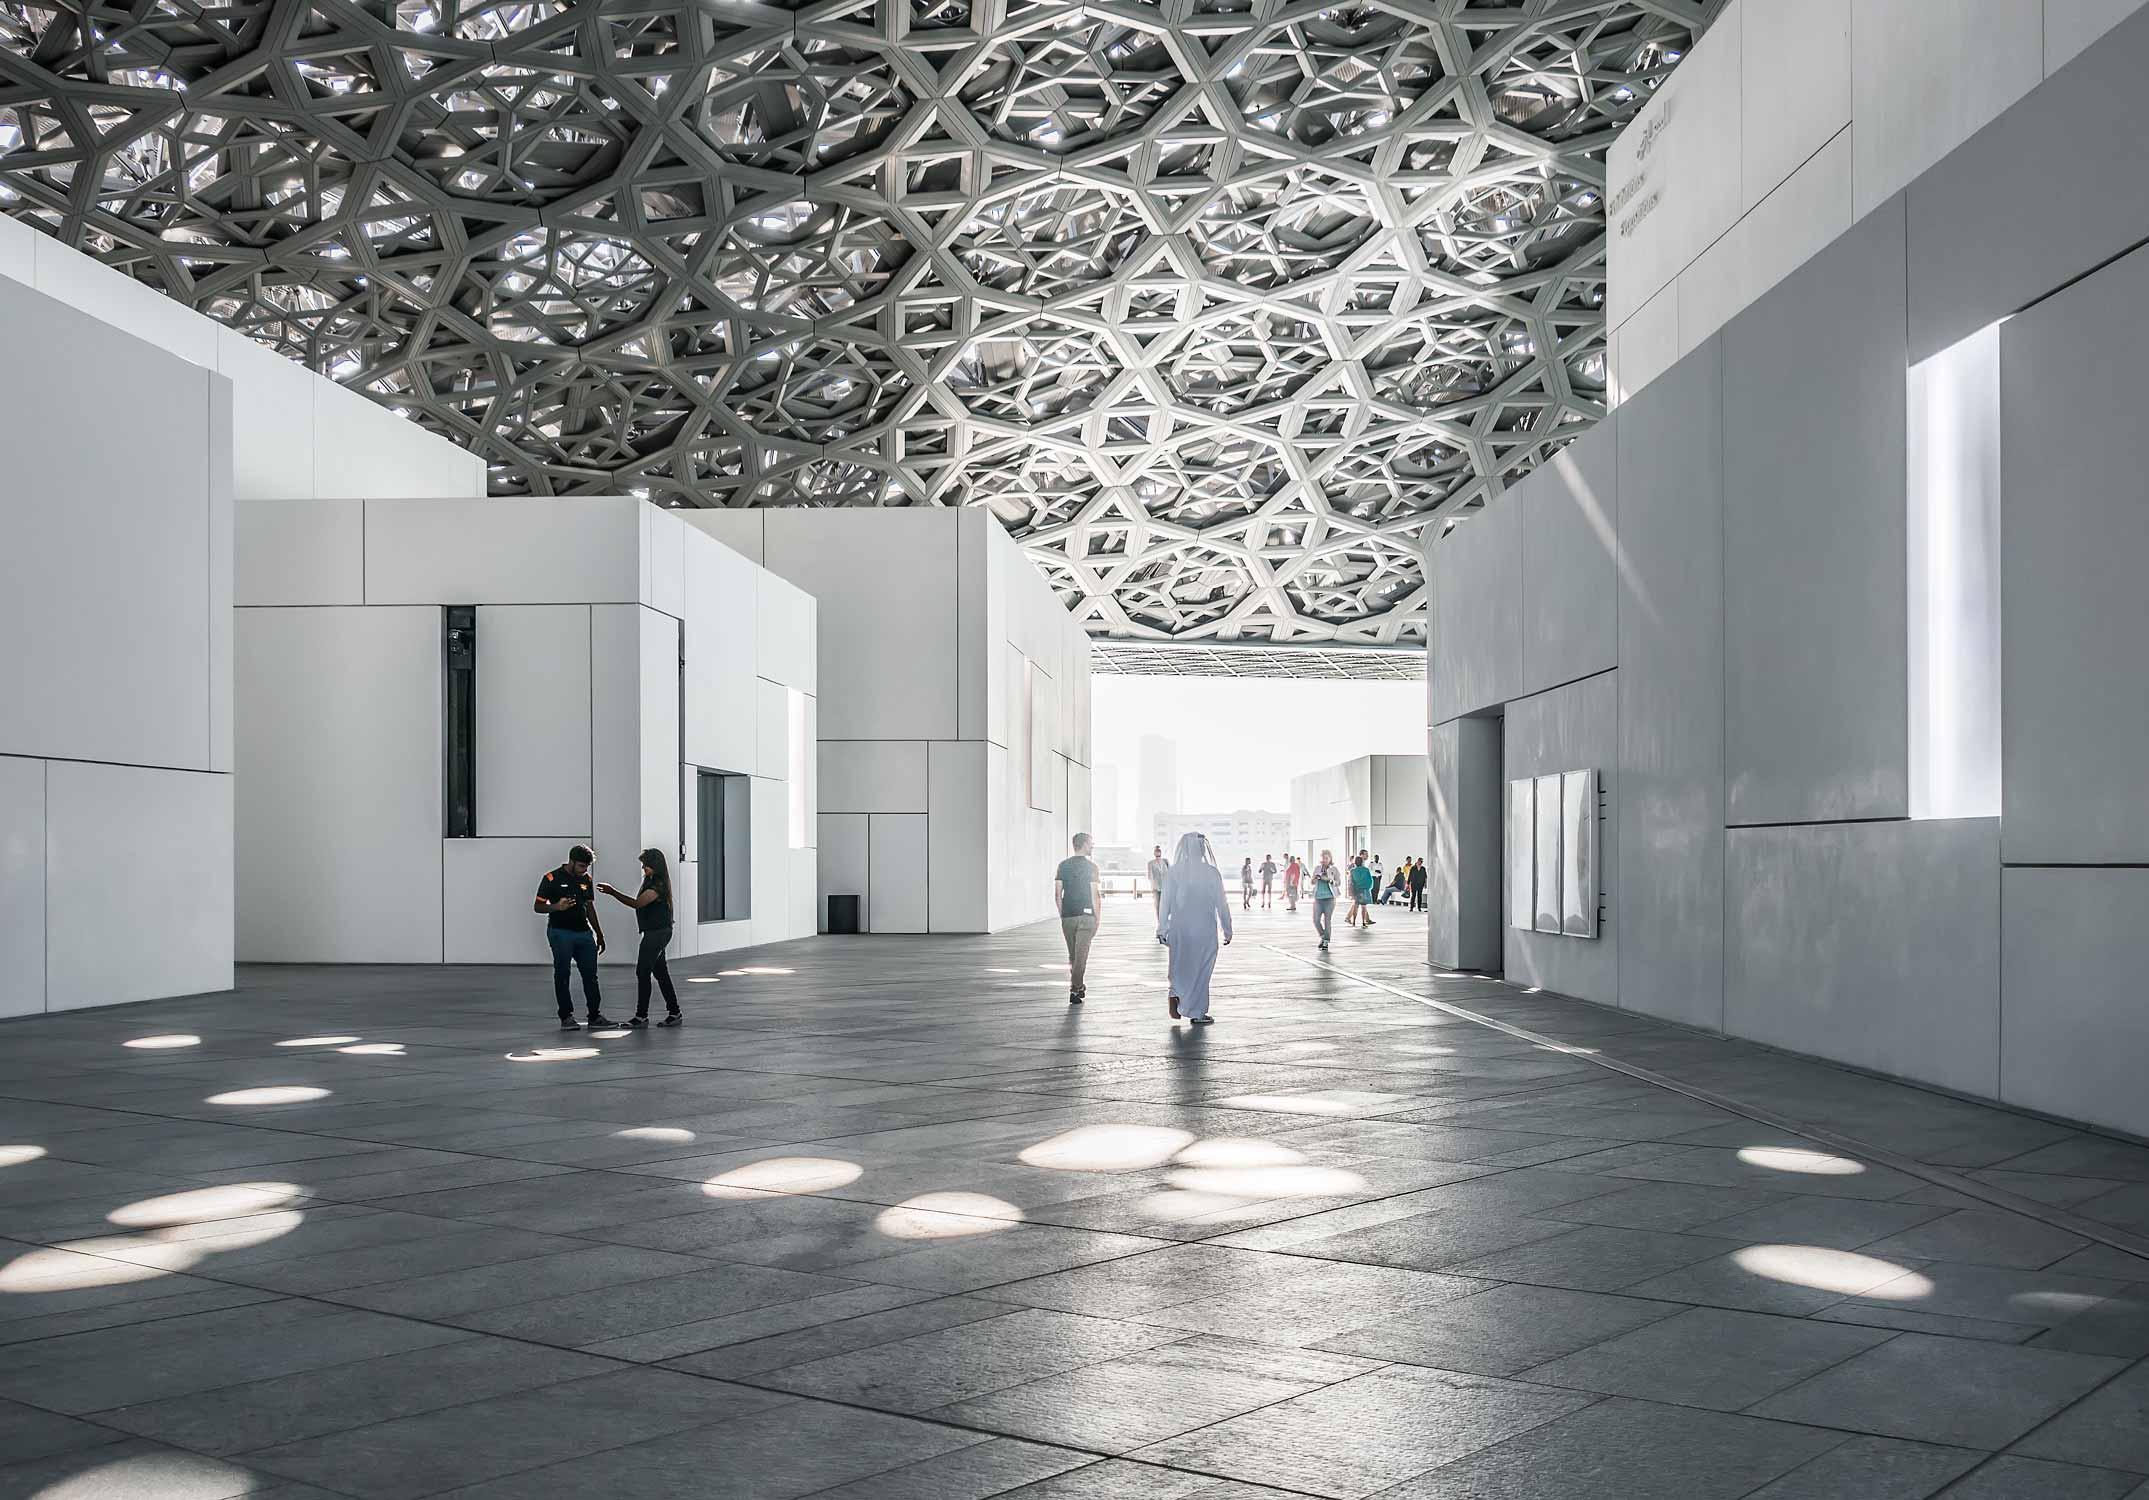 Innenhof im Kunstmuseum Louvre von Jean Nouvel in Abu-Dhabi. Weisse Baukörper mit riesigem Kuppeldach, das Lichtstrahlen, wie einen Lichtregen durchlässt.